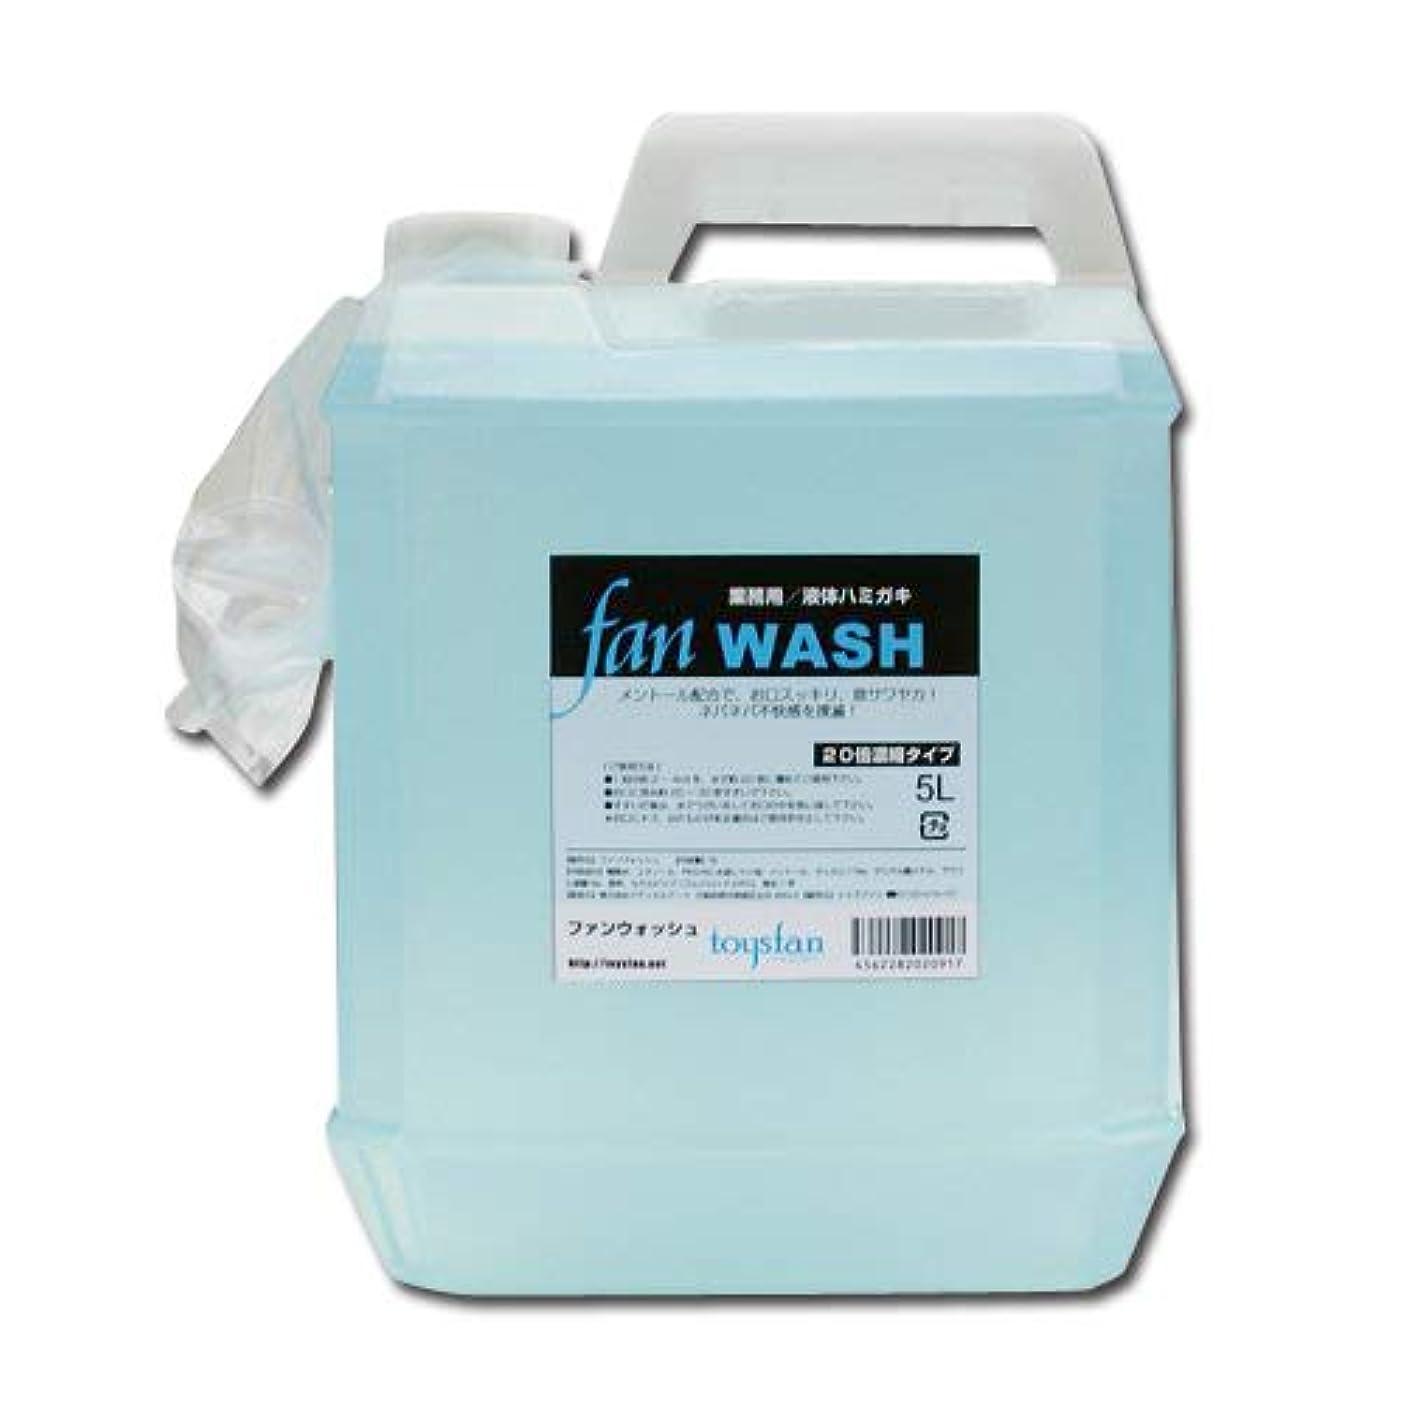 集中的なストレージ利用可能ファンウォッシュ 5L(20倍濃縮)業務用液体ハミガキ FAN WASHメントール配合│液体歯磨き大容量!うがい液